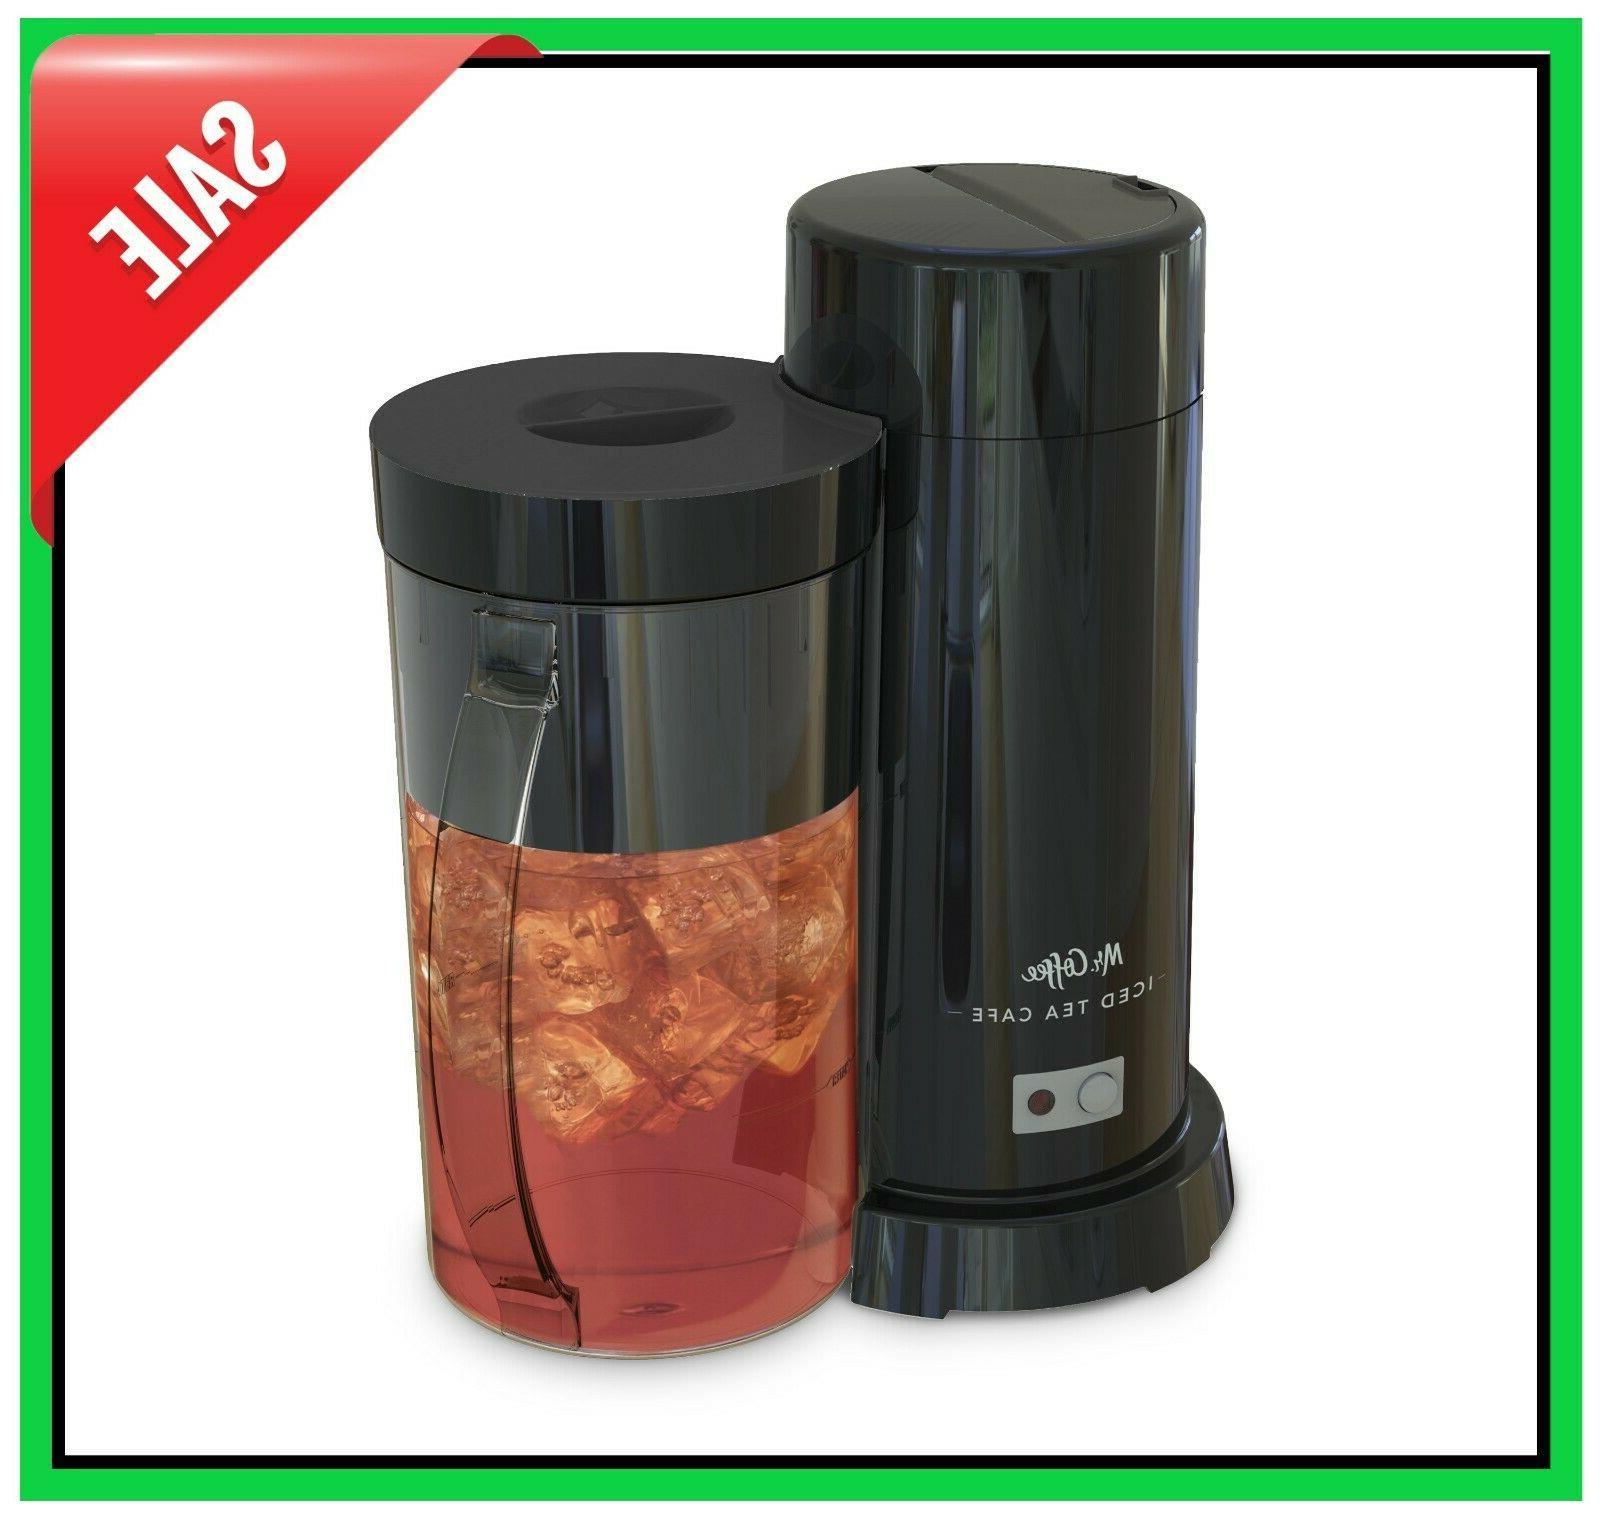 Electric Iced Coffee / Tea Maker Machine 2 Qt. - Fast Brewin